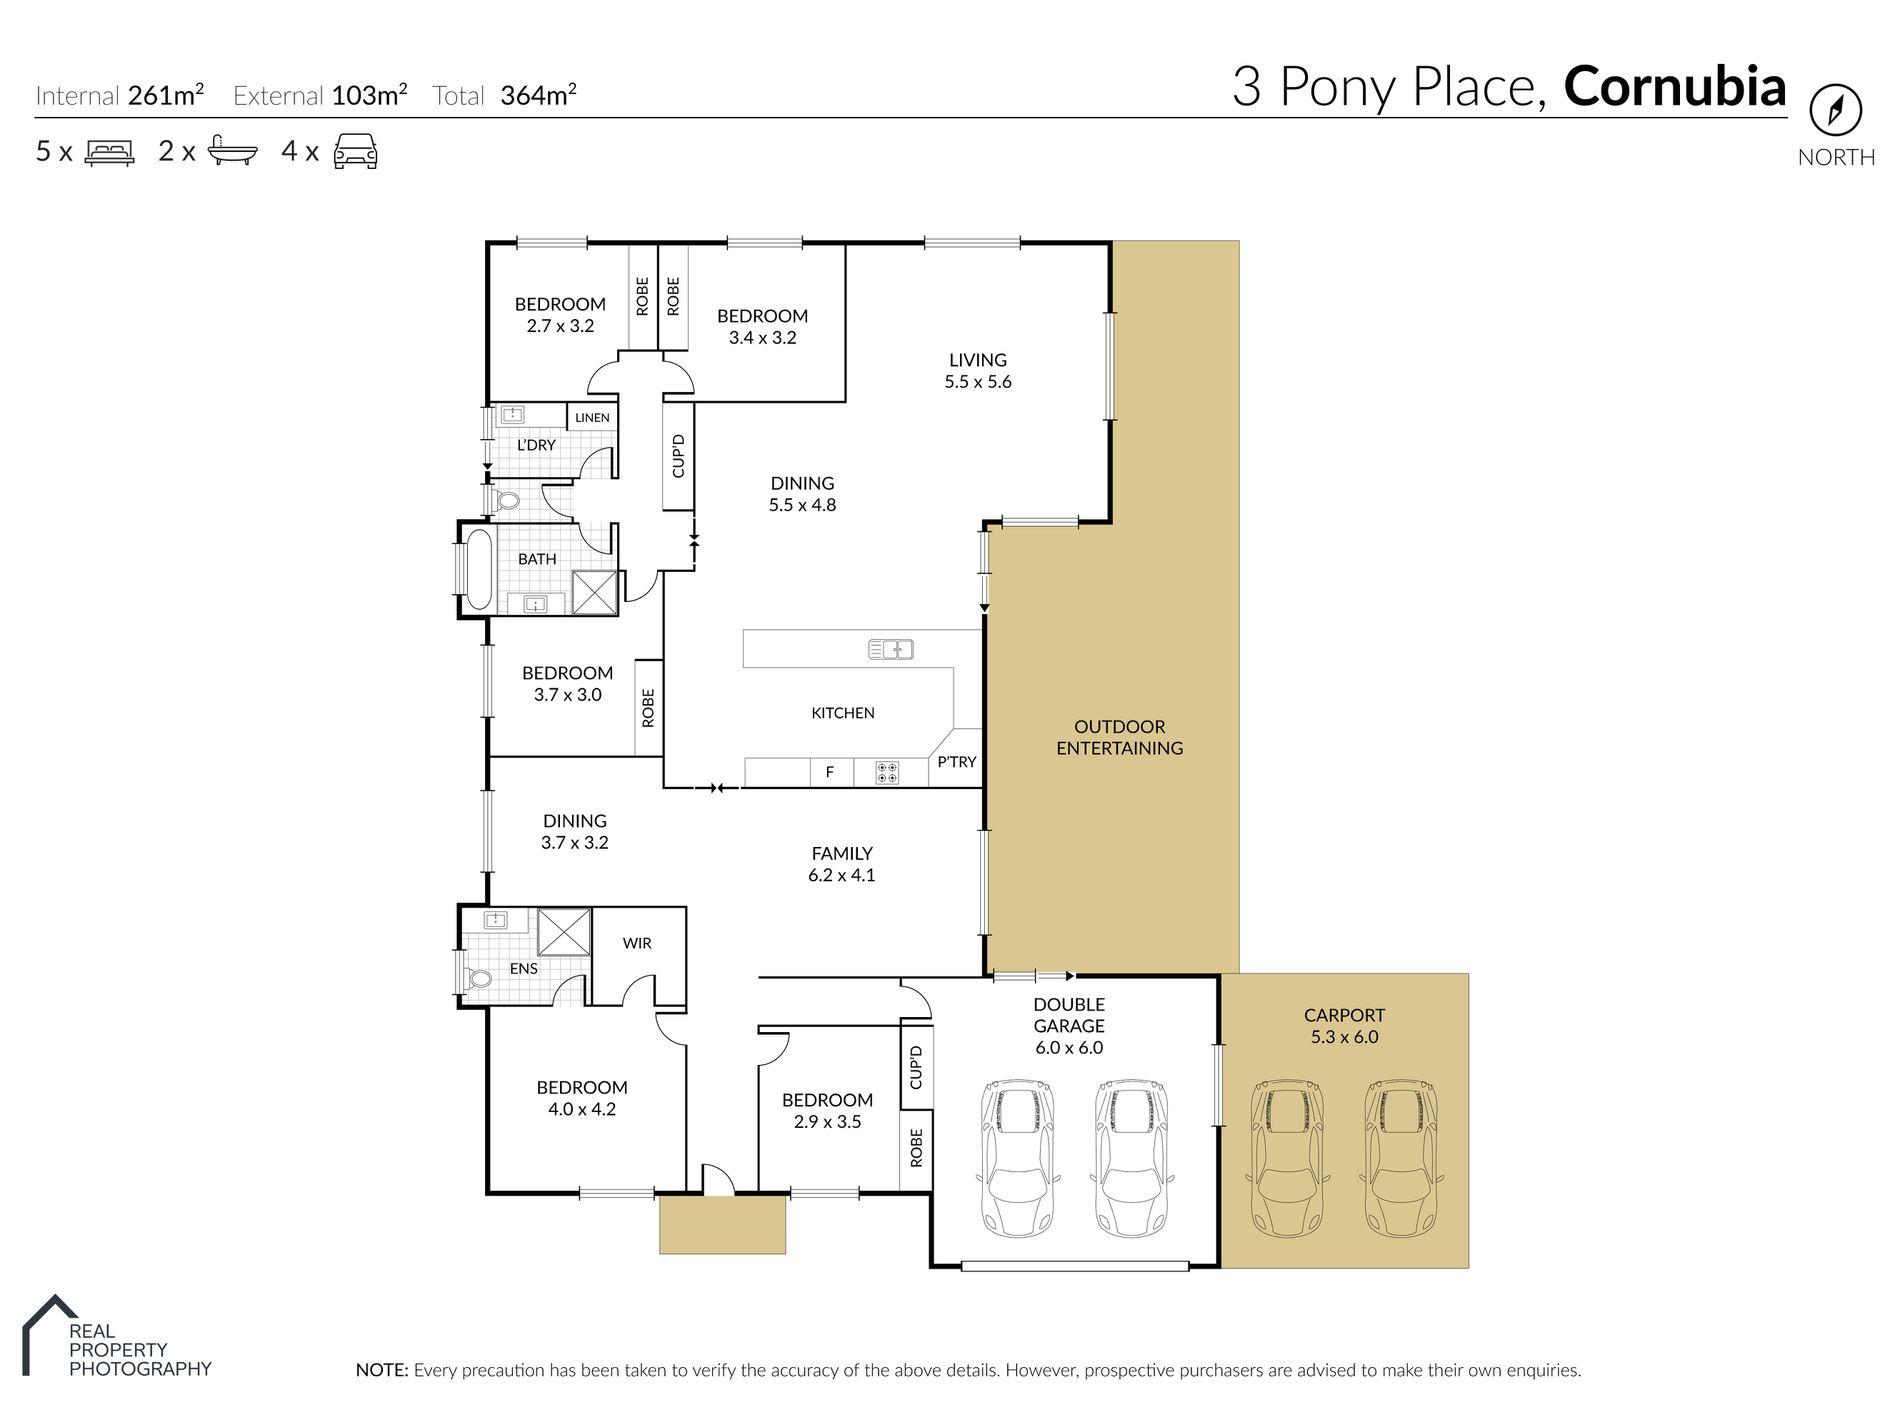 3 Pony Place, Cornubia